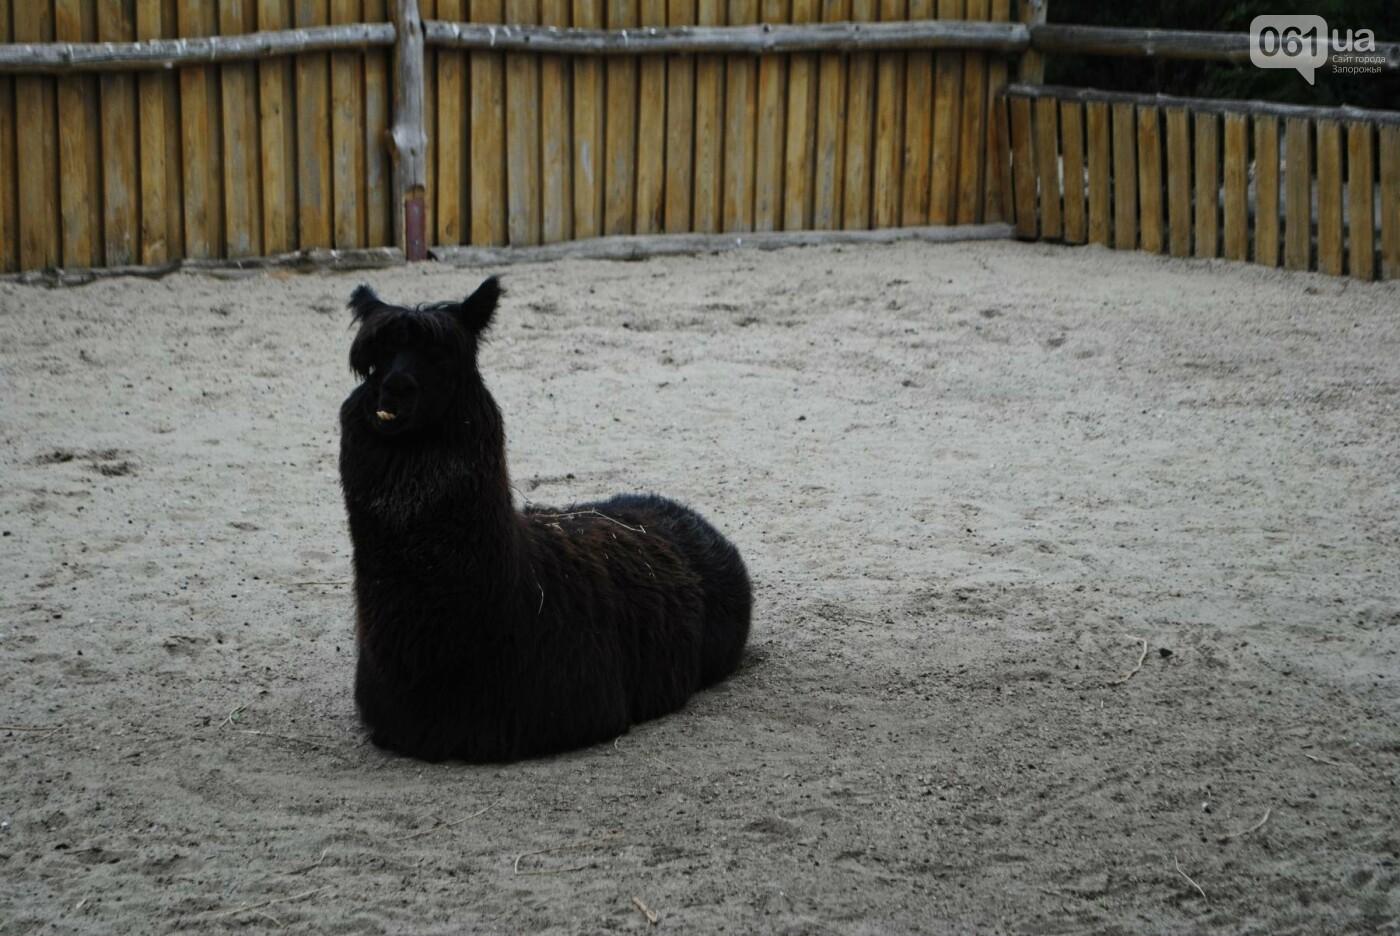 В бердянском зоопарке появились кенгуру: они любят хлеб и скоро станут ручными, - ФОТОРЕПОРТАЖ, фото-19